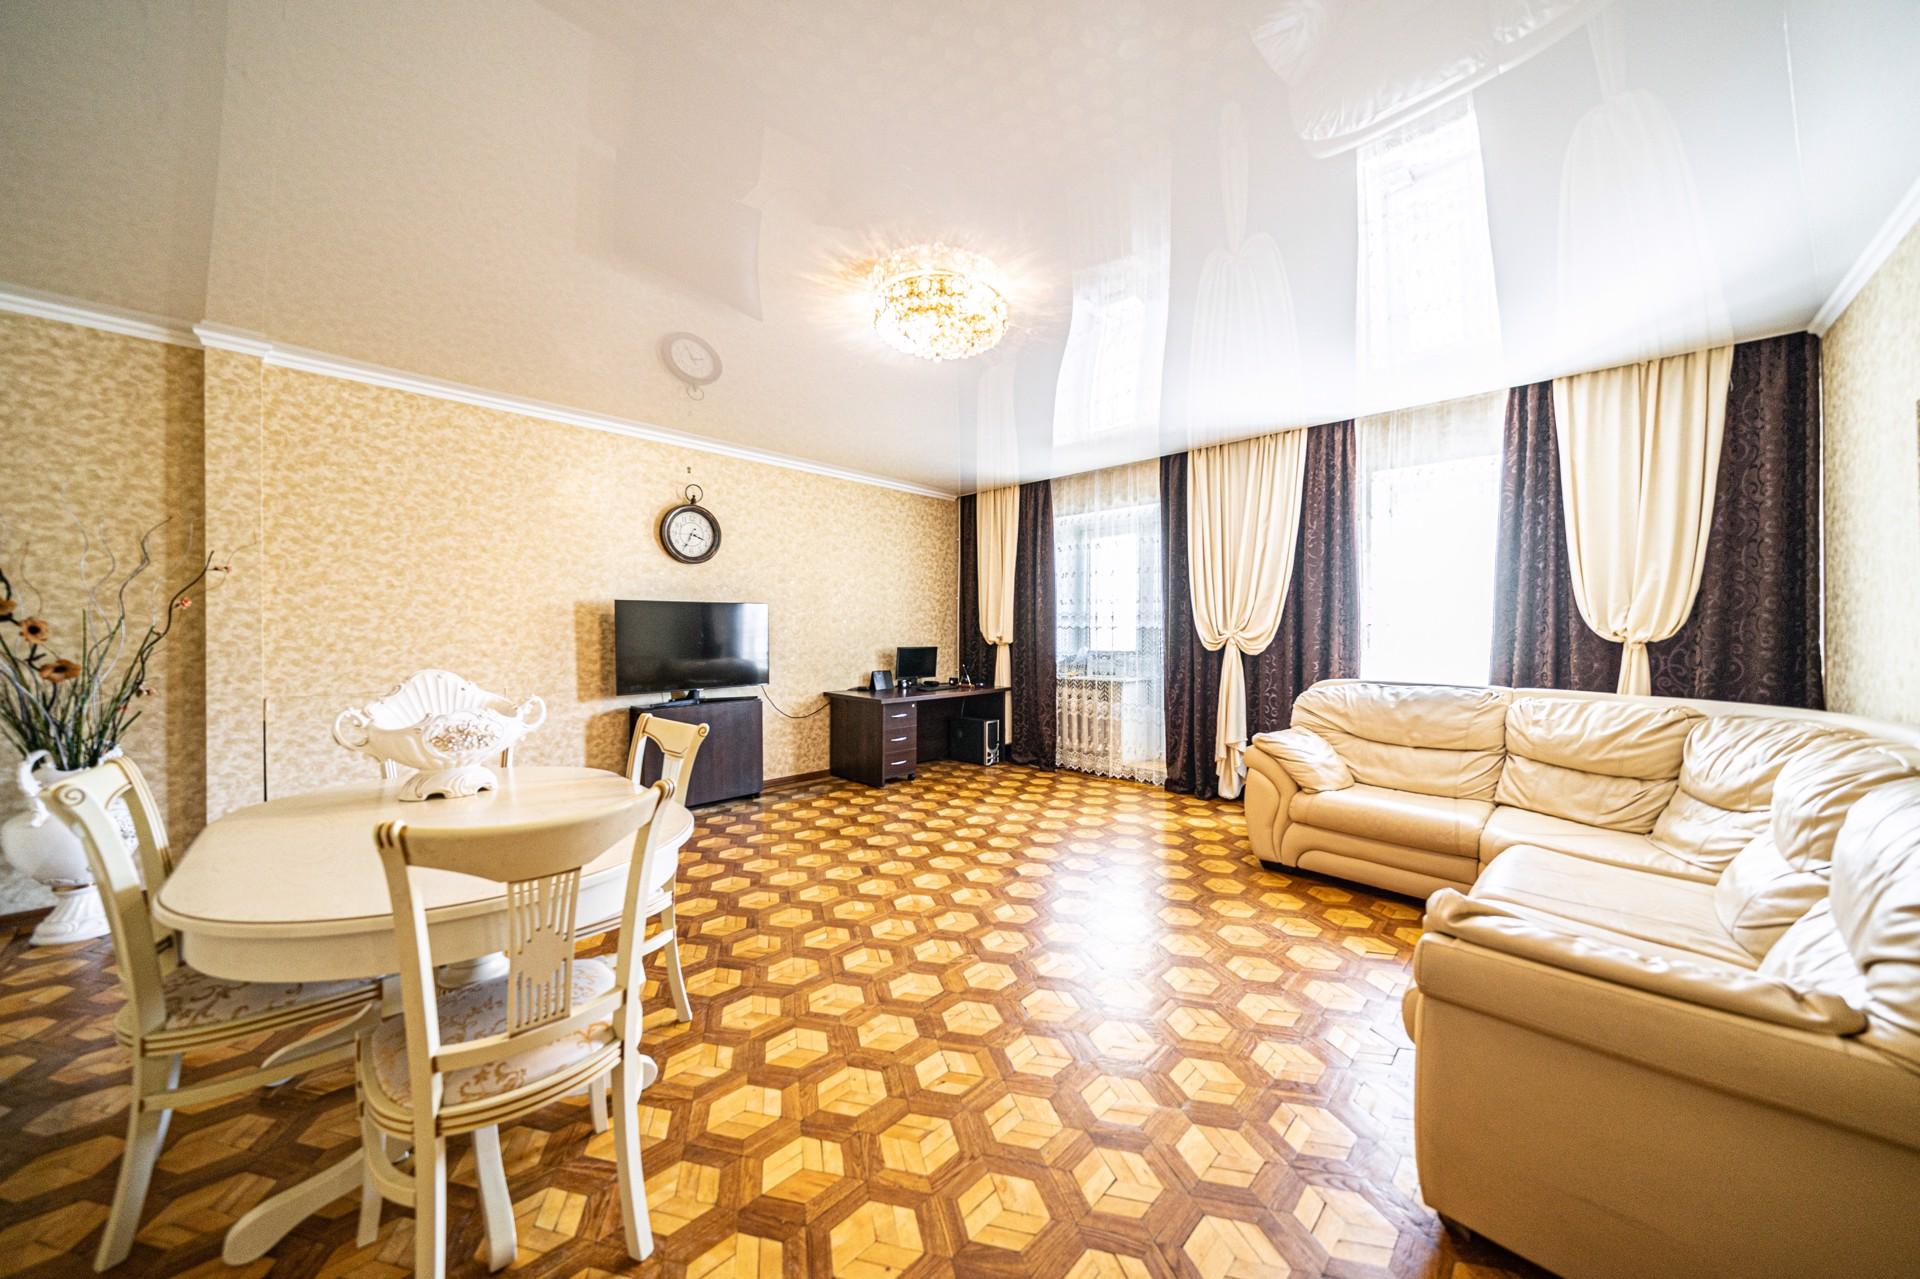 Продажа 3-к квартиры, Липецк, Коммунальная улица, 10, 110 м², 5600000 ₽